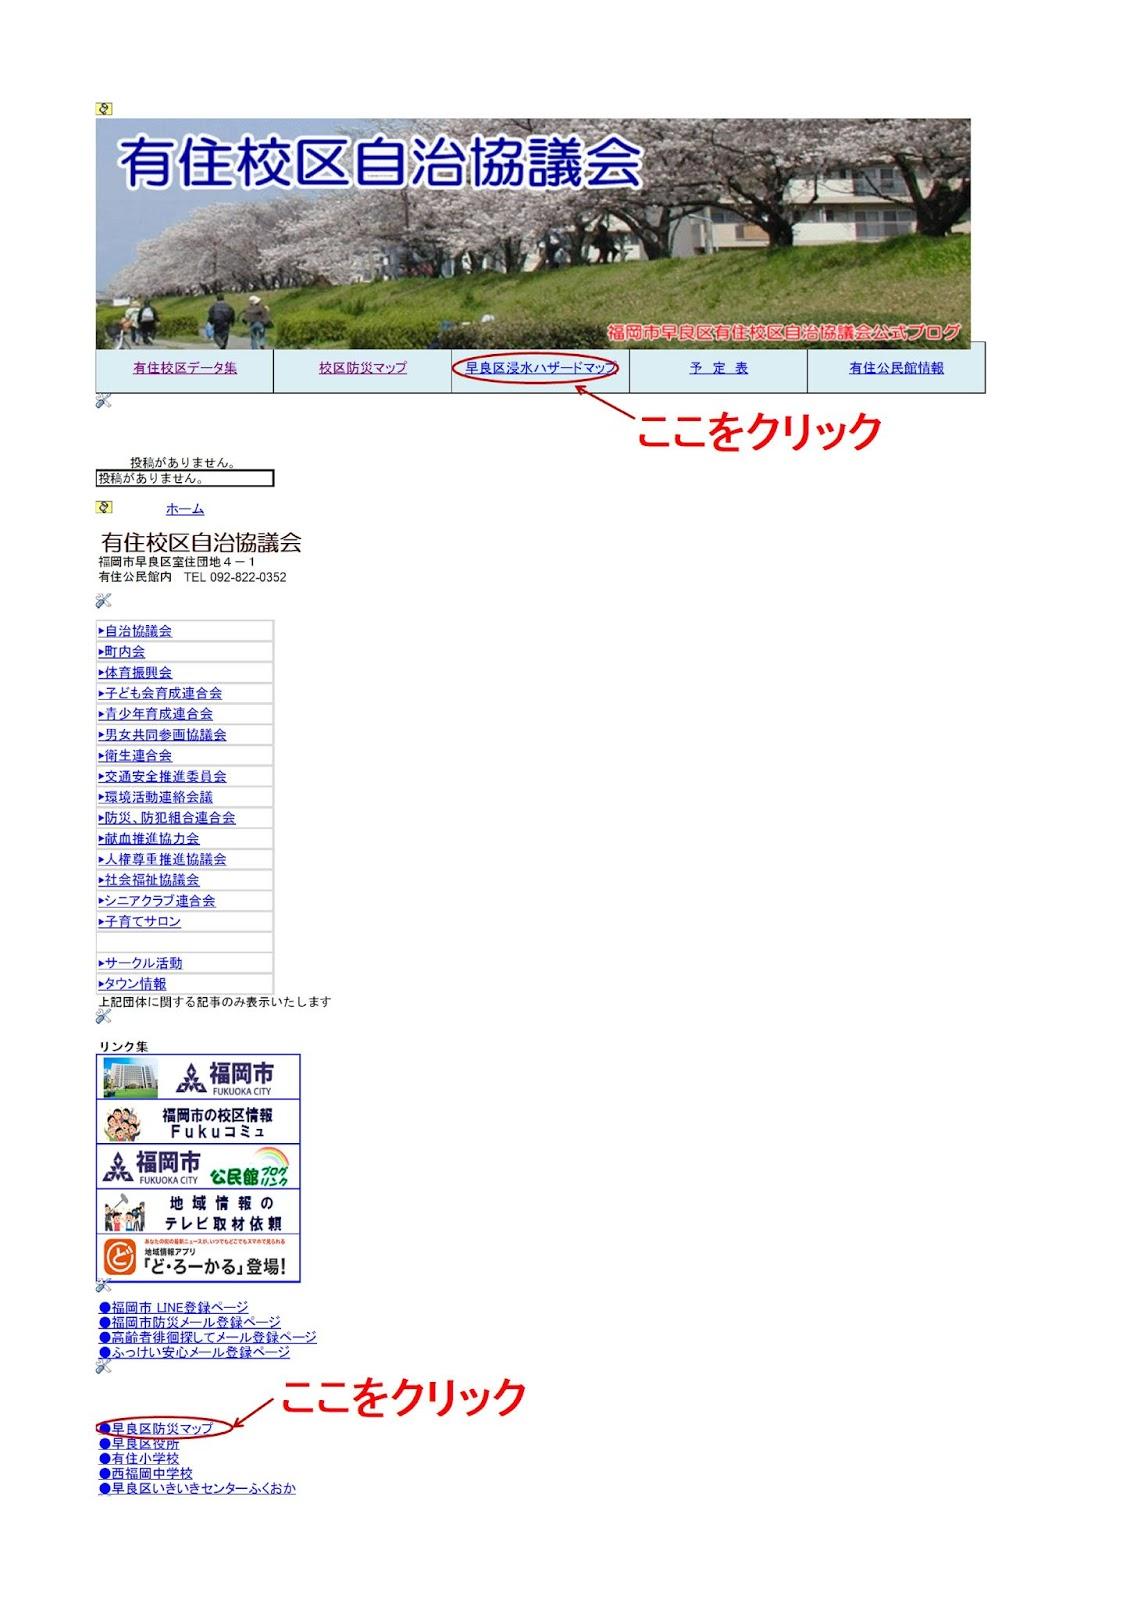 浸水 ハザード 福岡 市 マップ